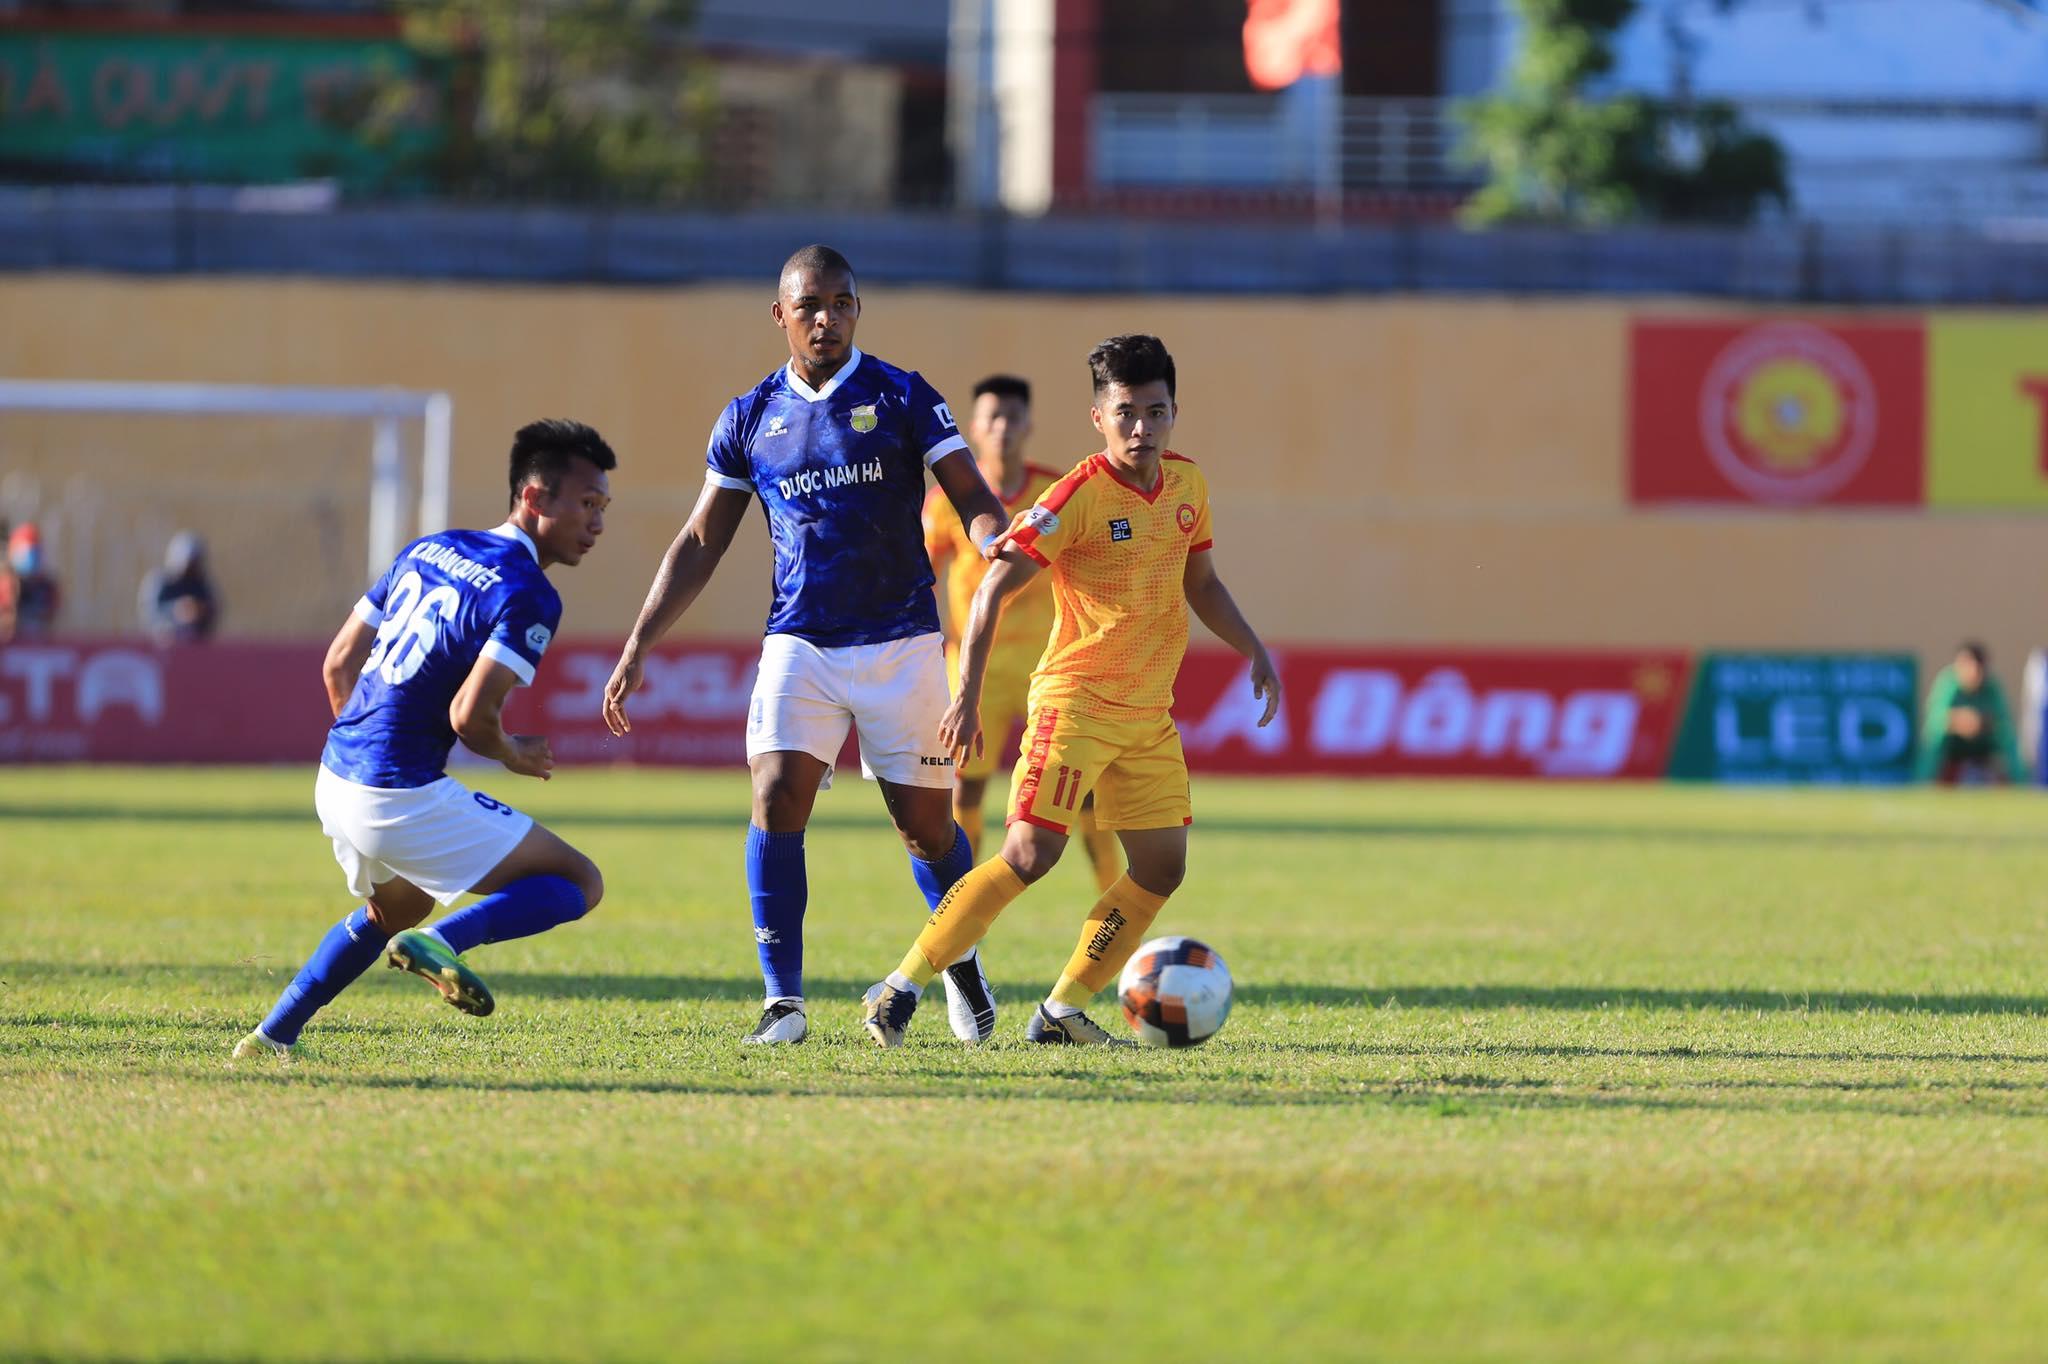 Soi kèo Thanh Hóa vs Nam Định, 17h00 ngày 10/10, V League 2020